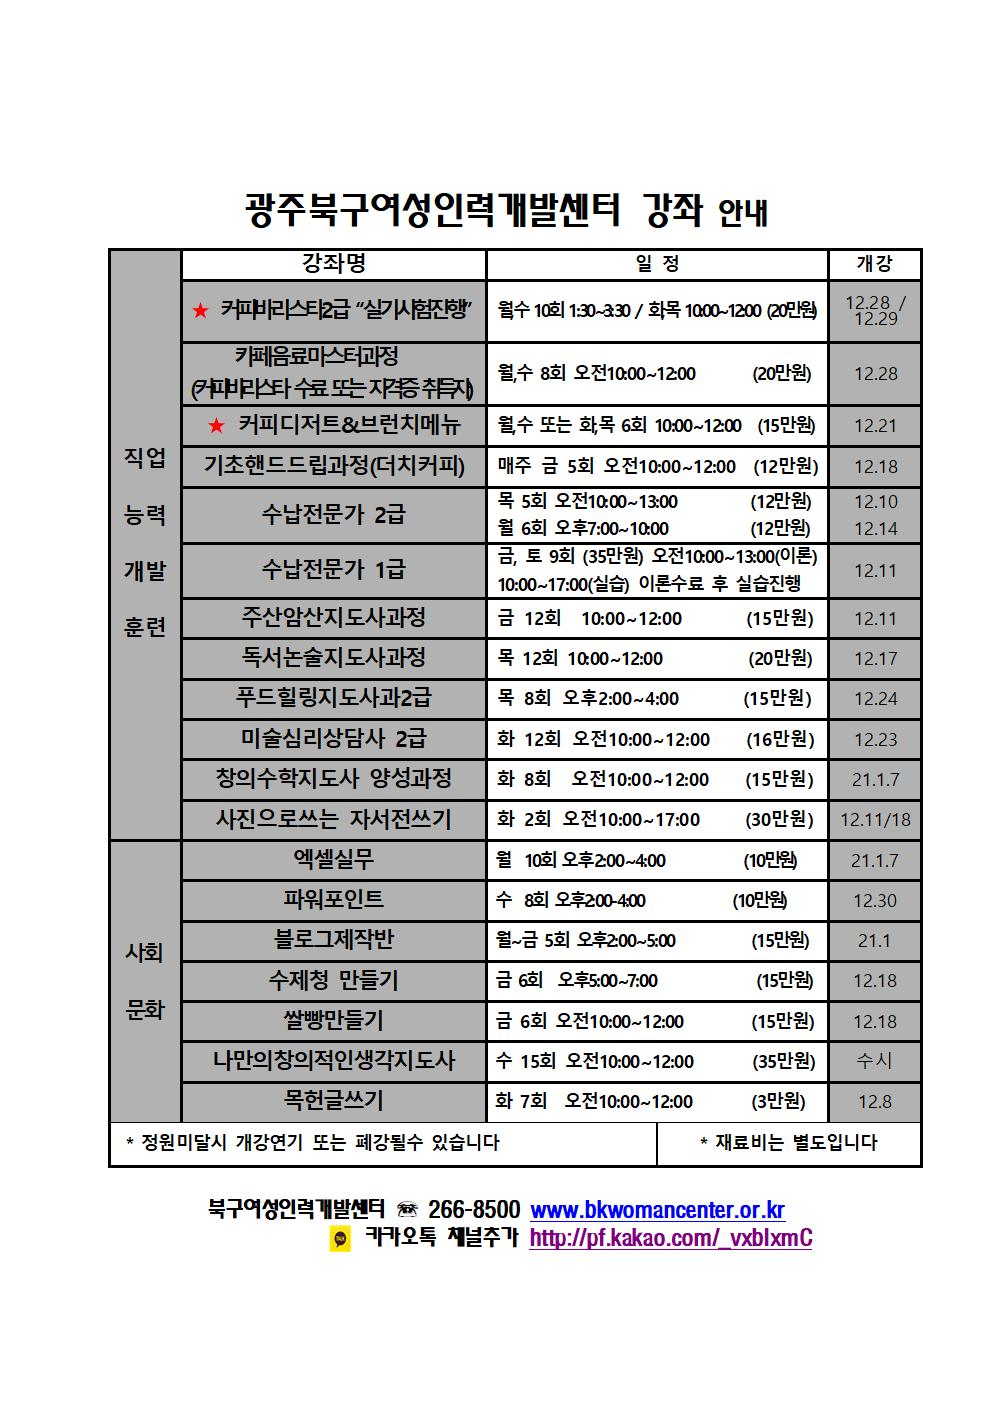 광주북구여성인력개발센터 강좌 안내_12월001